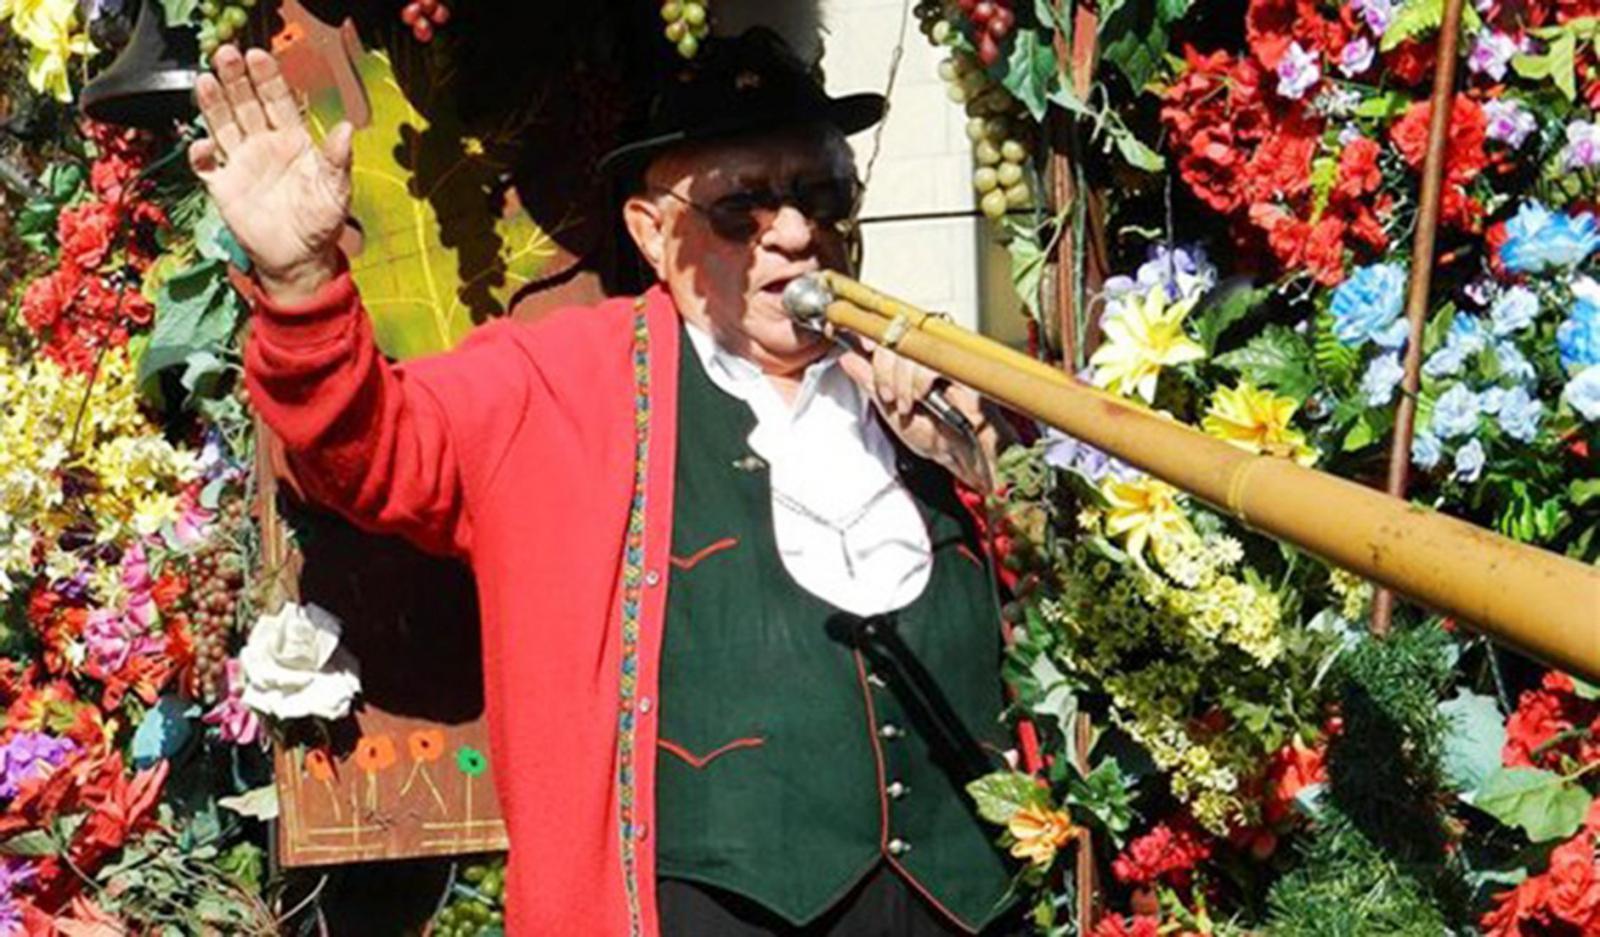 Mount Vernon Fall Festival